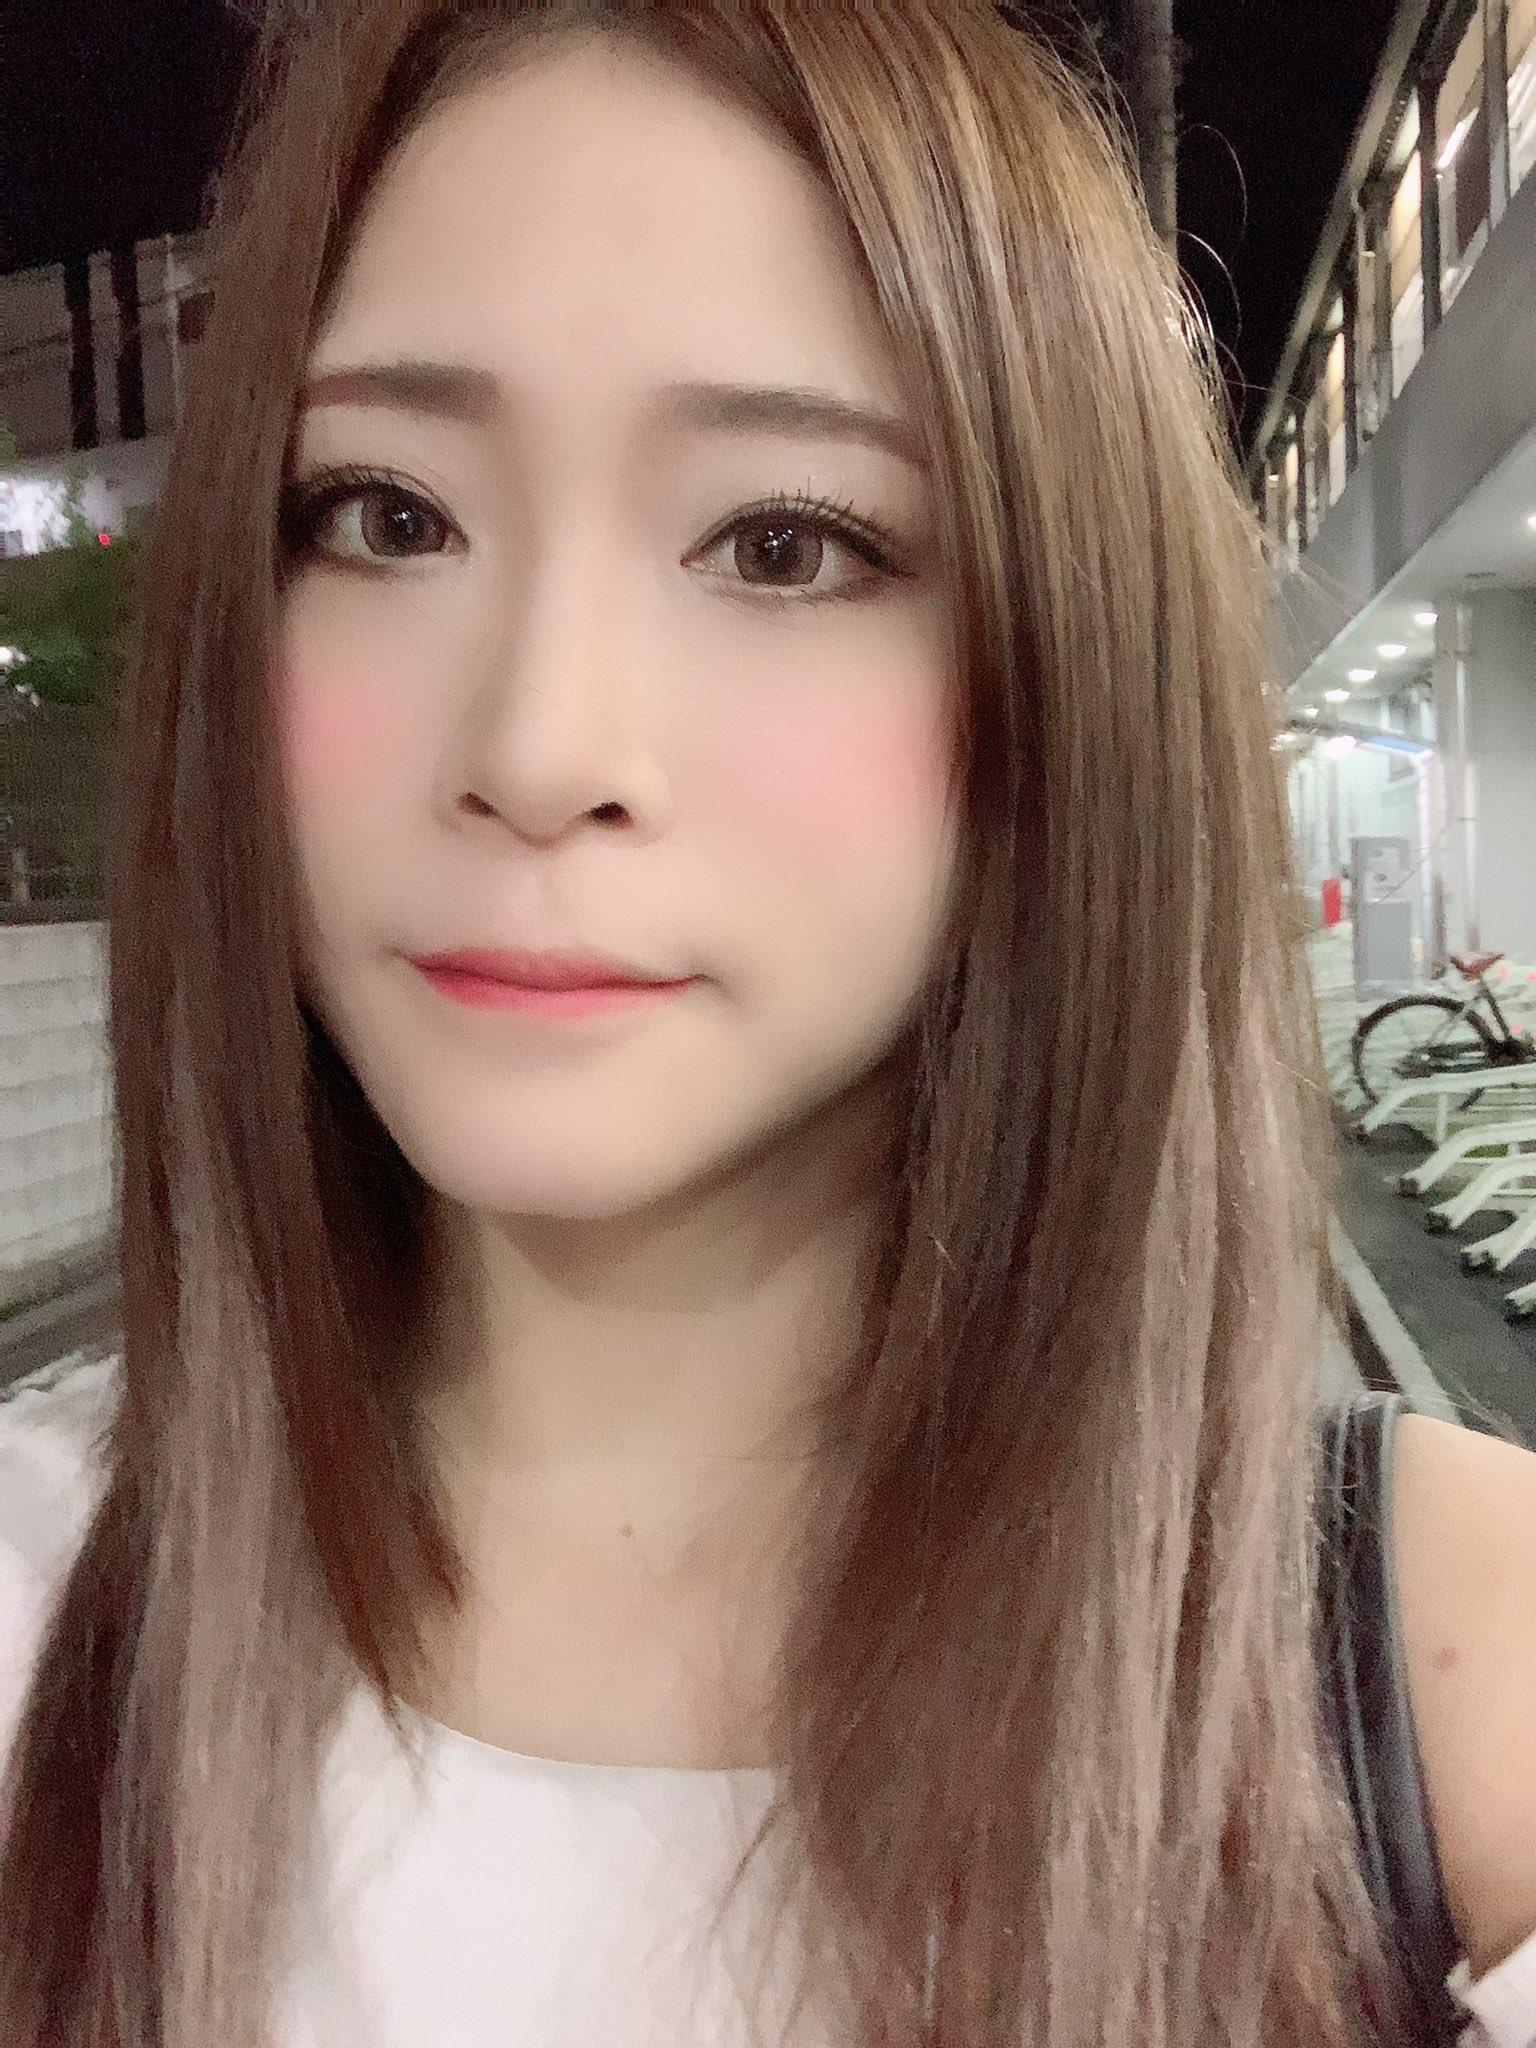 【天希ユリナエロ画像】軟体スキル活かしたオナニーも得意な美女・天希ユリナ!